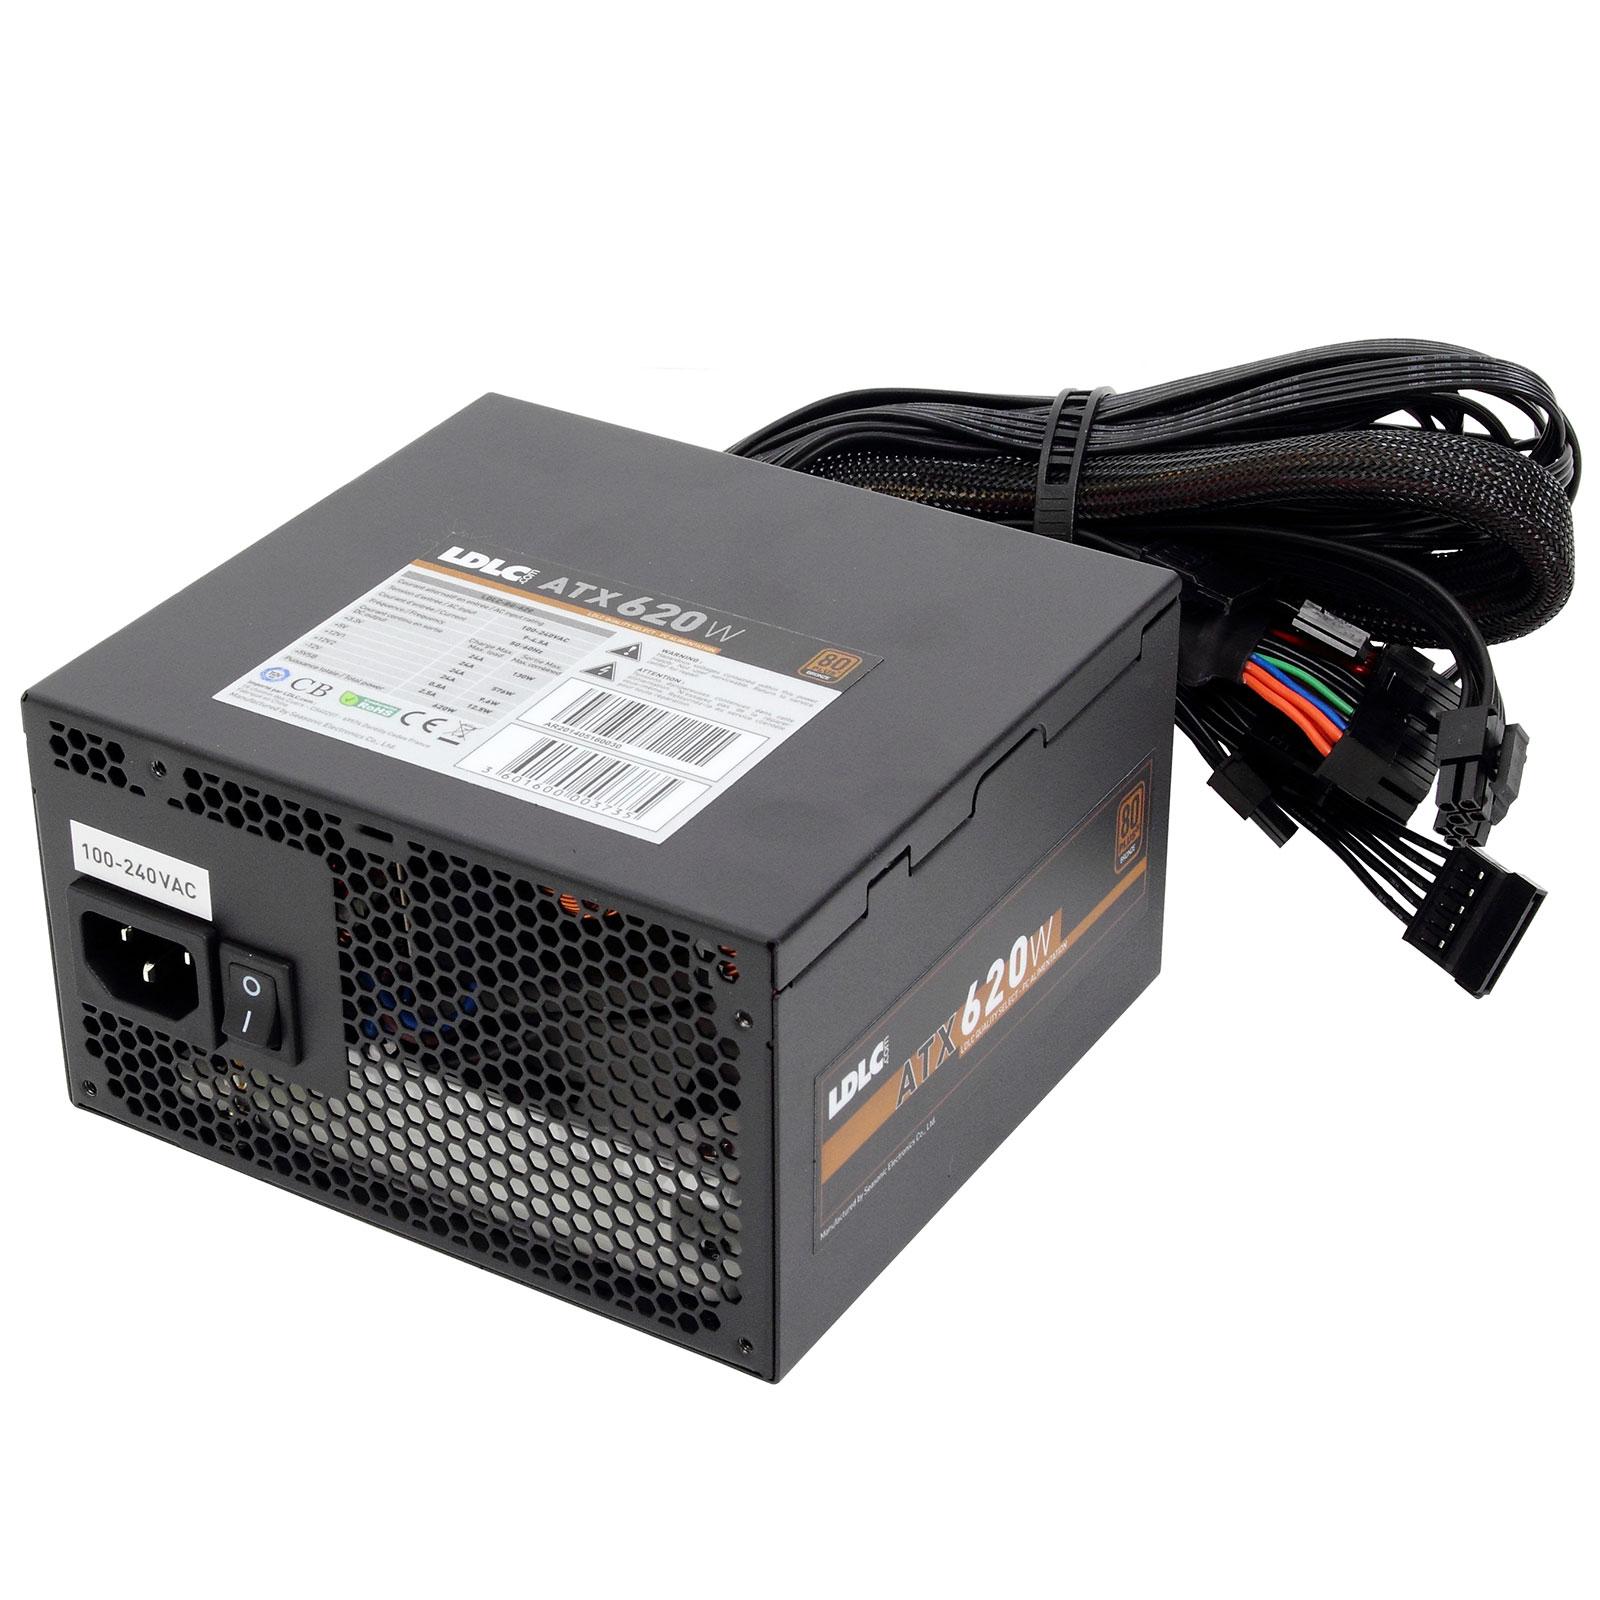 Alimentation PC LDLC BG-620 Quality Select 80PLUS Bronze Alimentation 620W ATX 12V Ventilateur 120 mm - 80PLUS Bronze